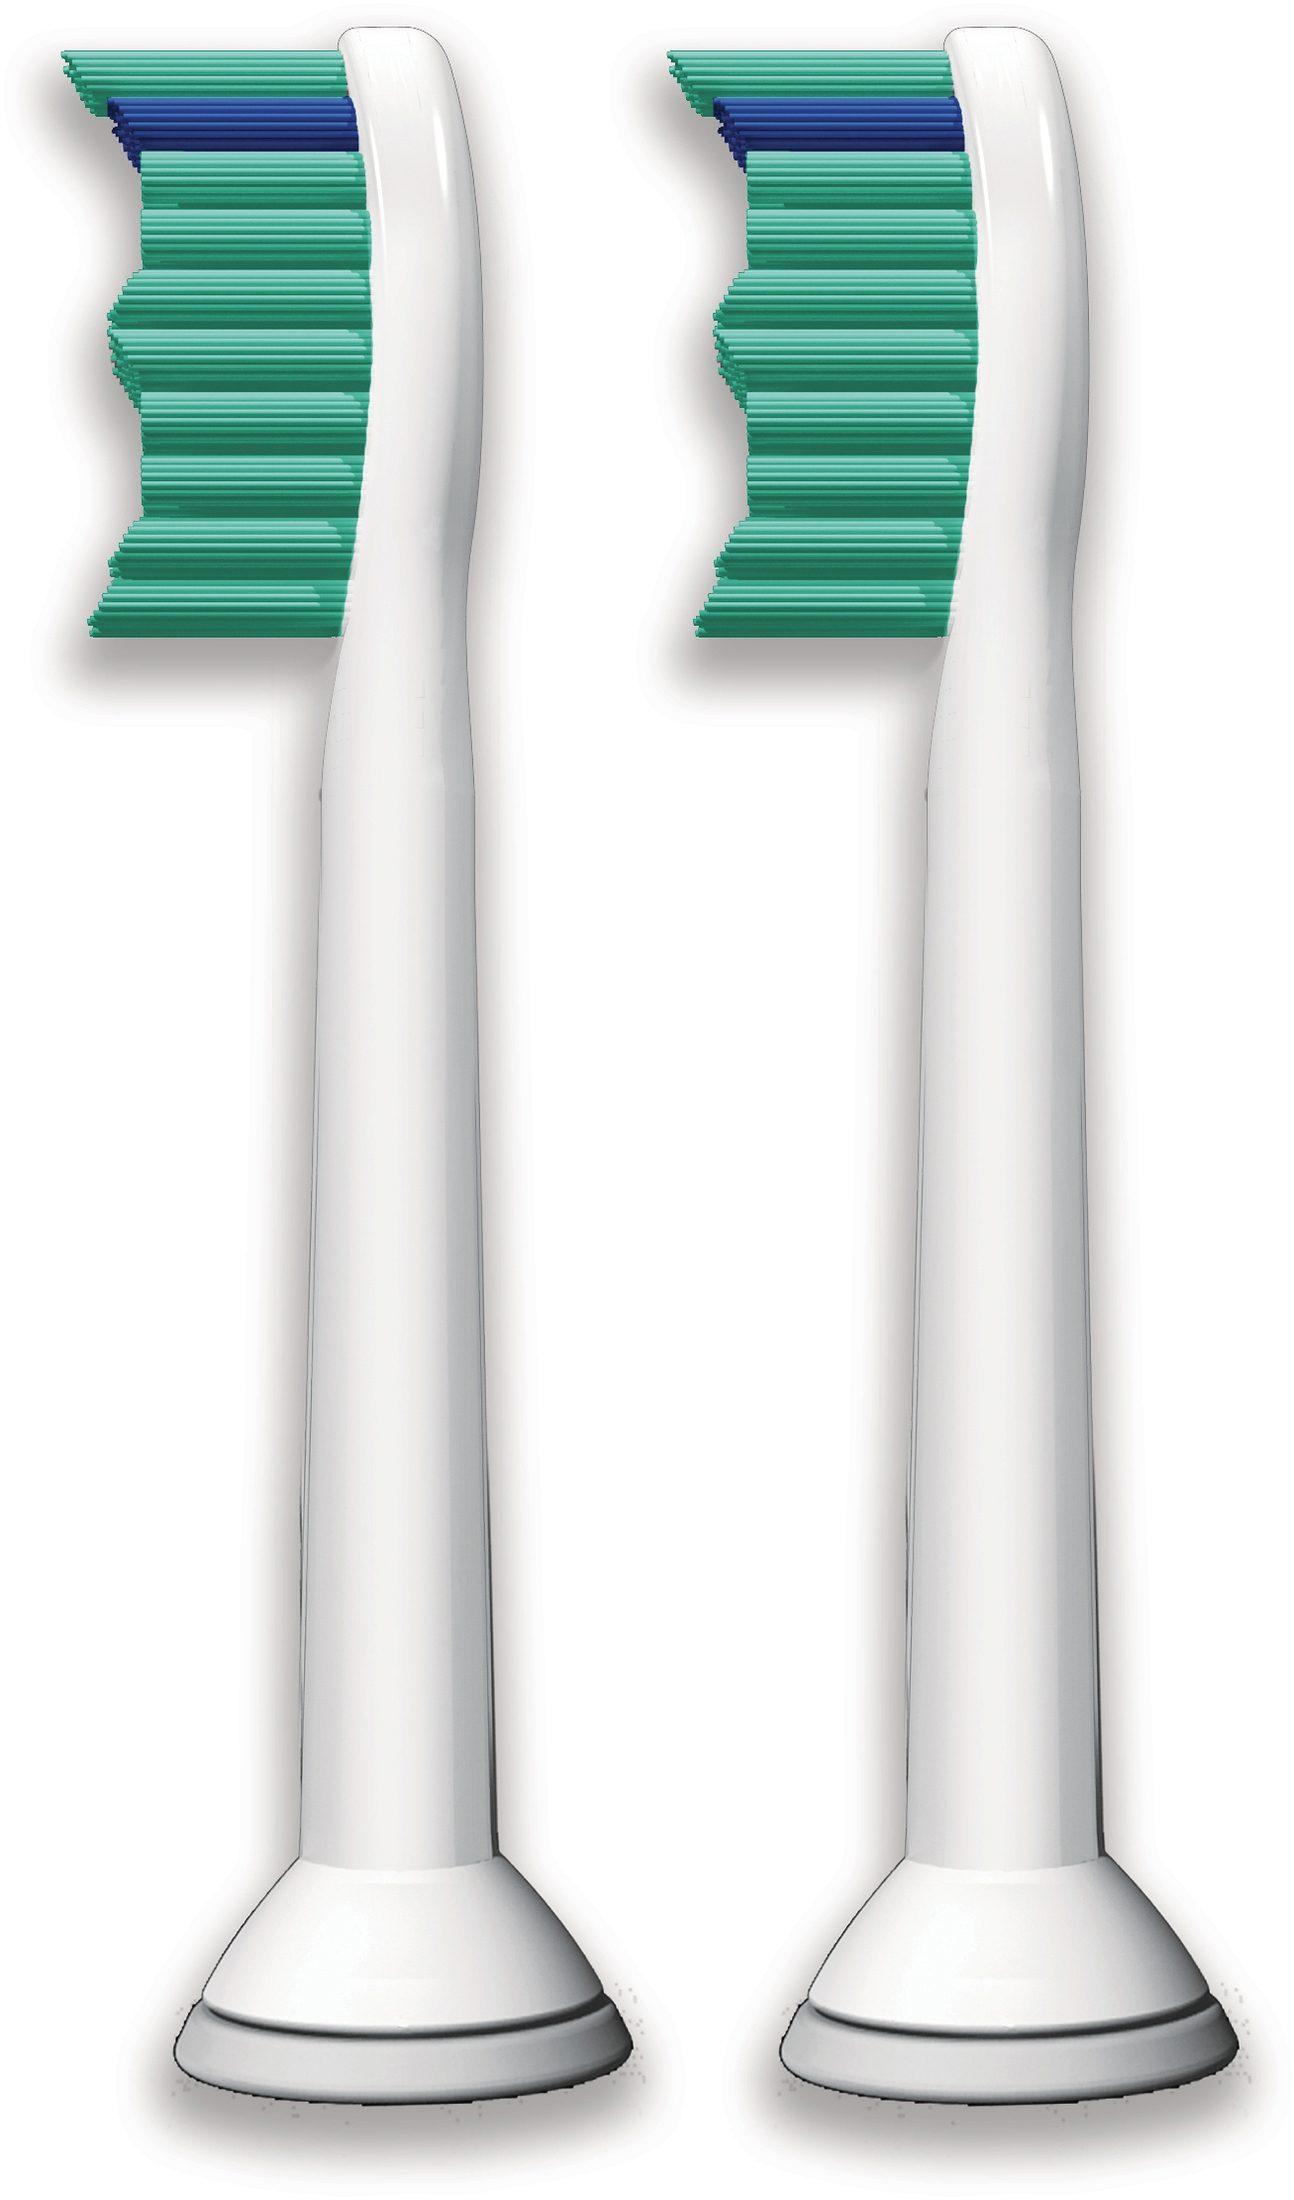 Philips Sonicare Ersatzbürsten HX6012/07 ProResults Standard, 2er Pack.